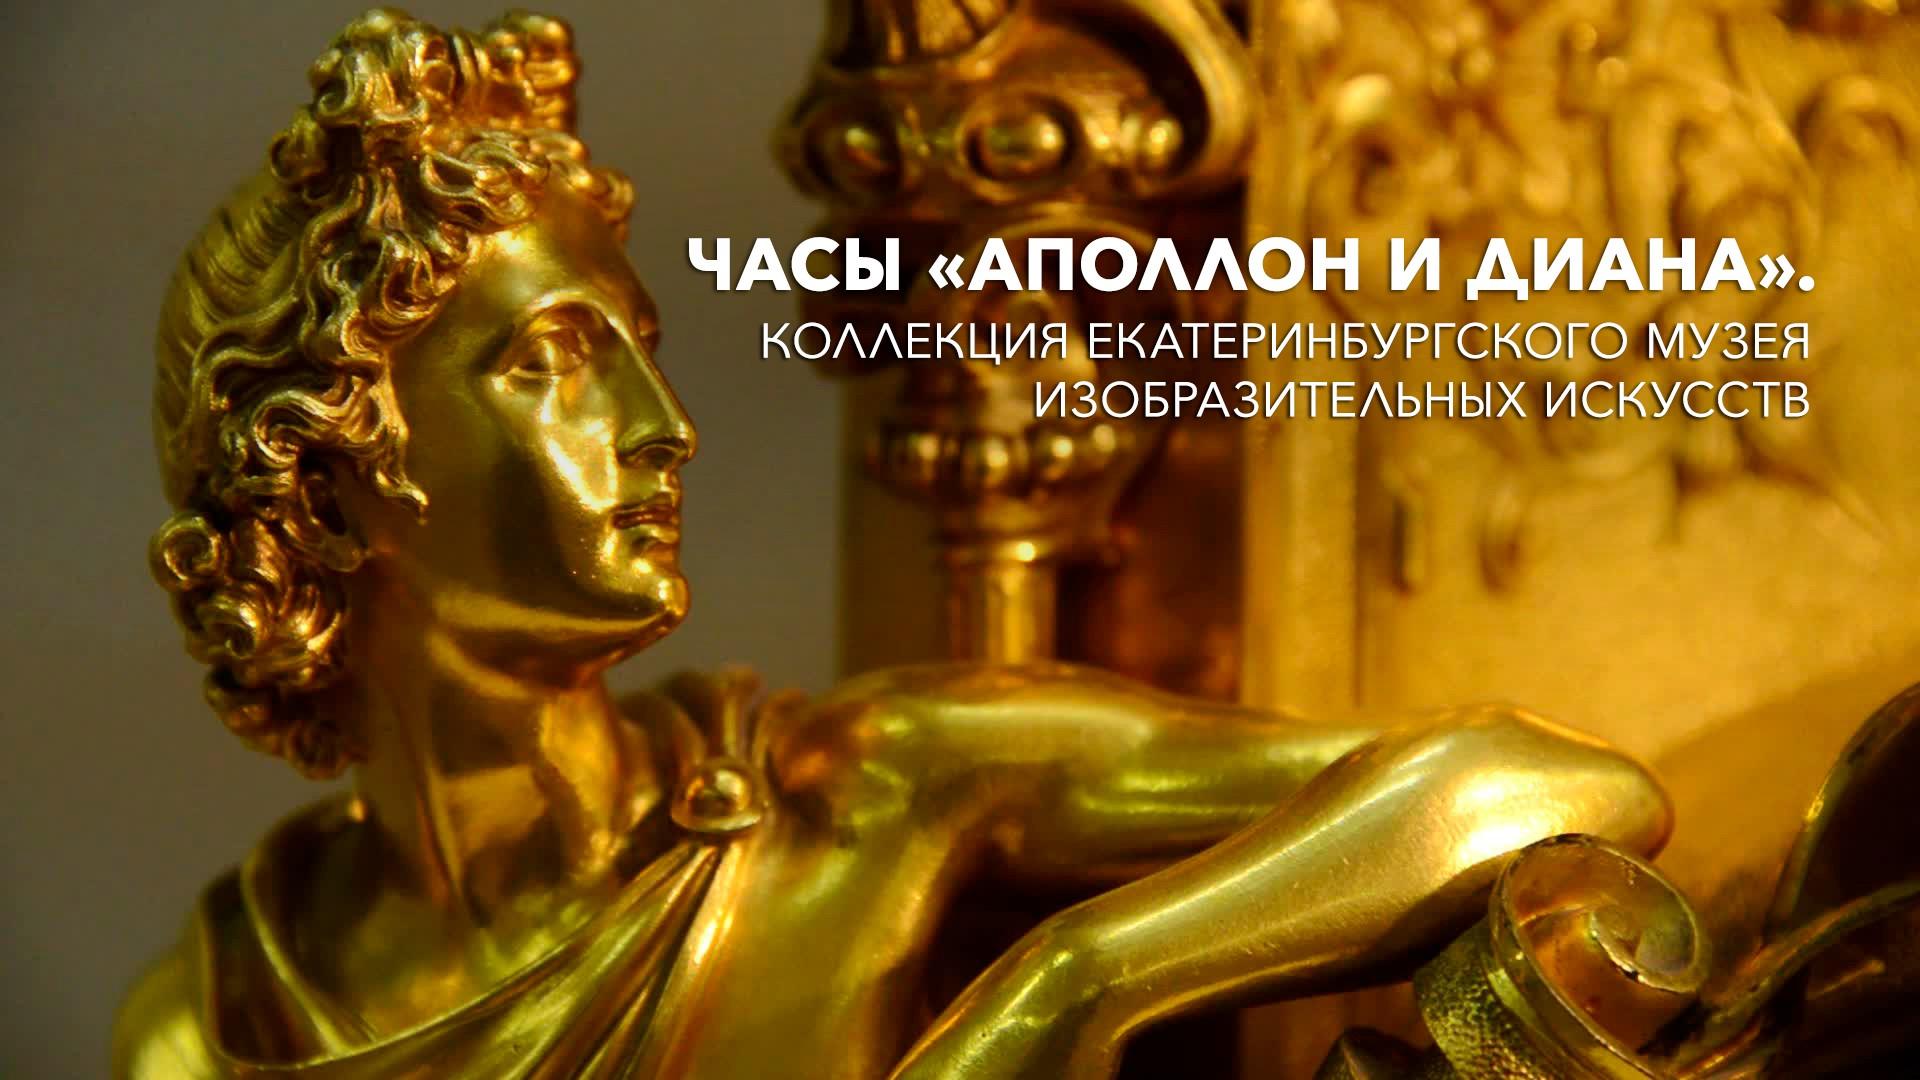 Часы «Аполлон и Диана». Коллекция Екатеринбургского музея изобразительных искусств